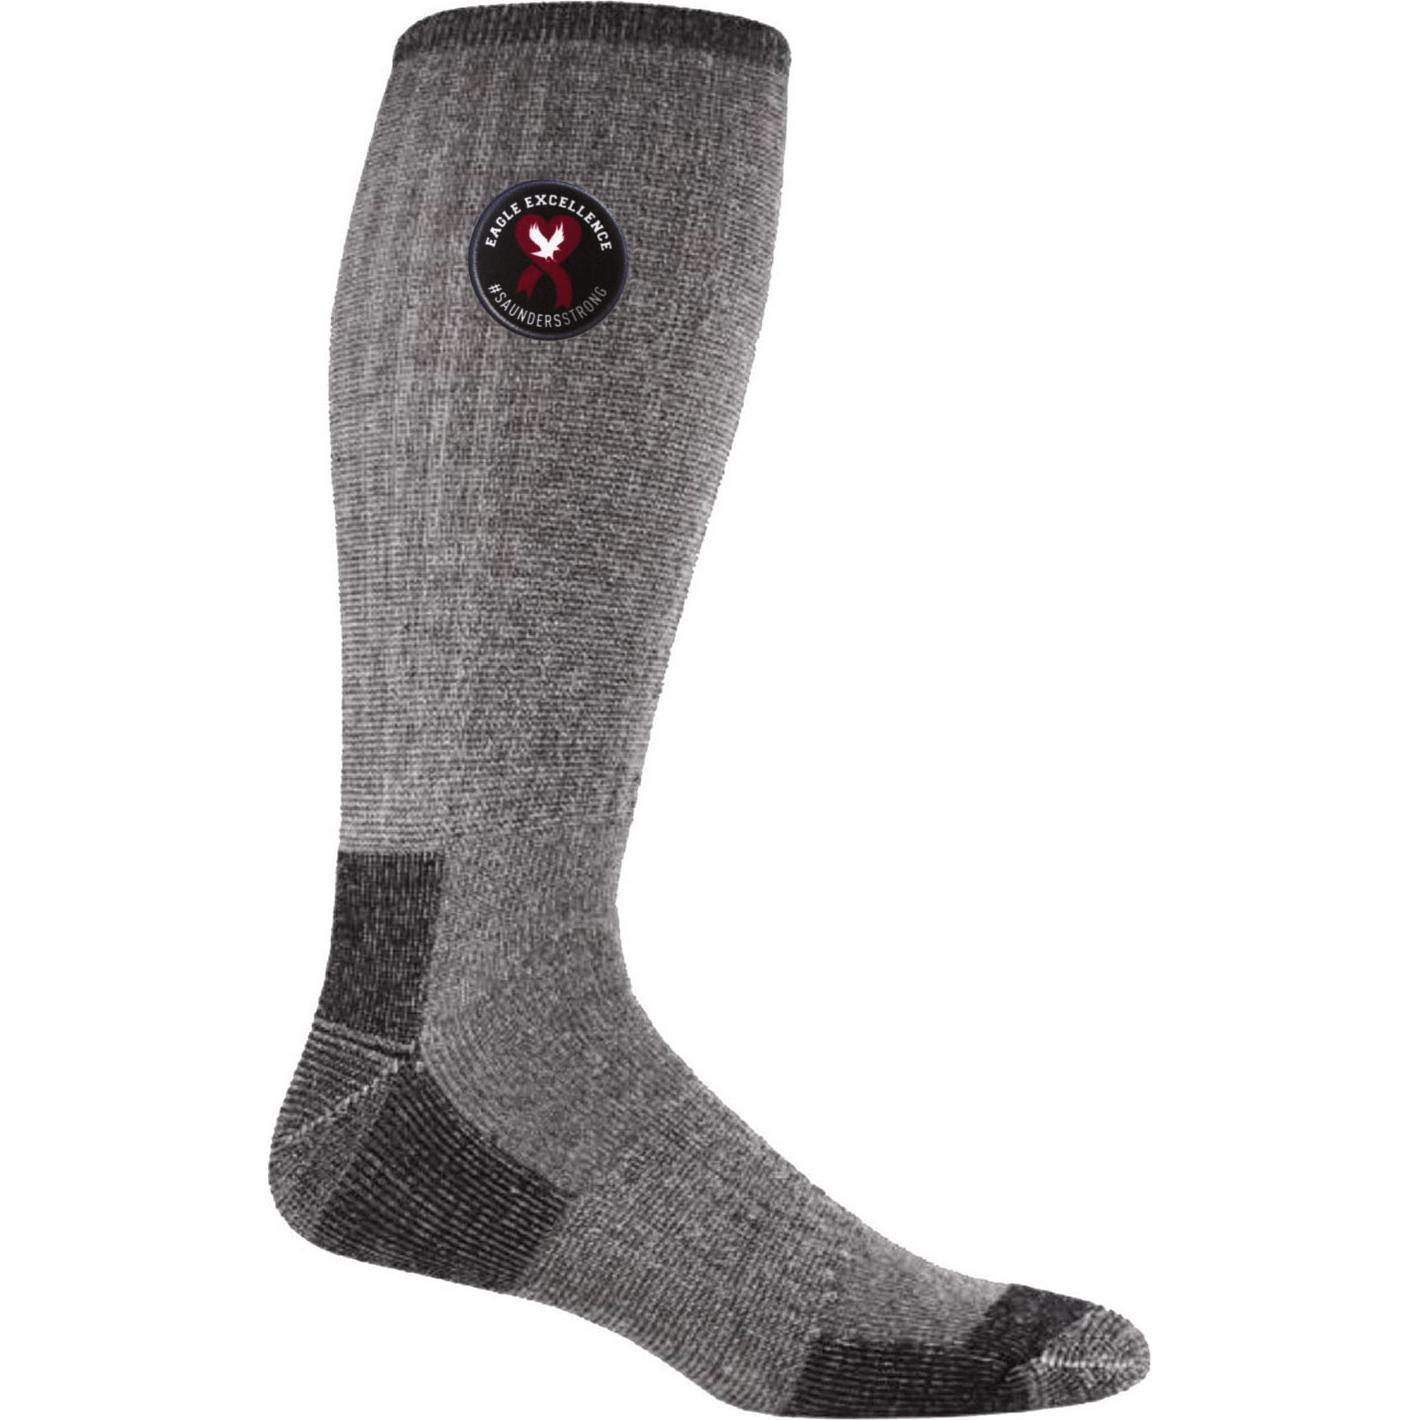 Marketing Merino Wool Blend Boot Socks | Accessories